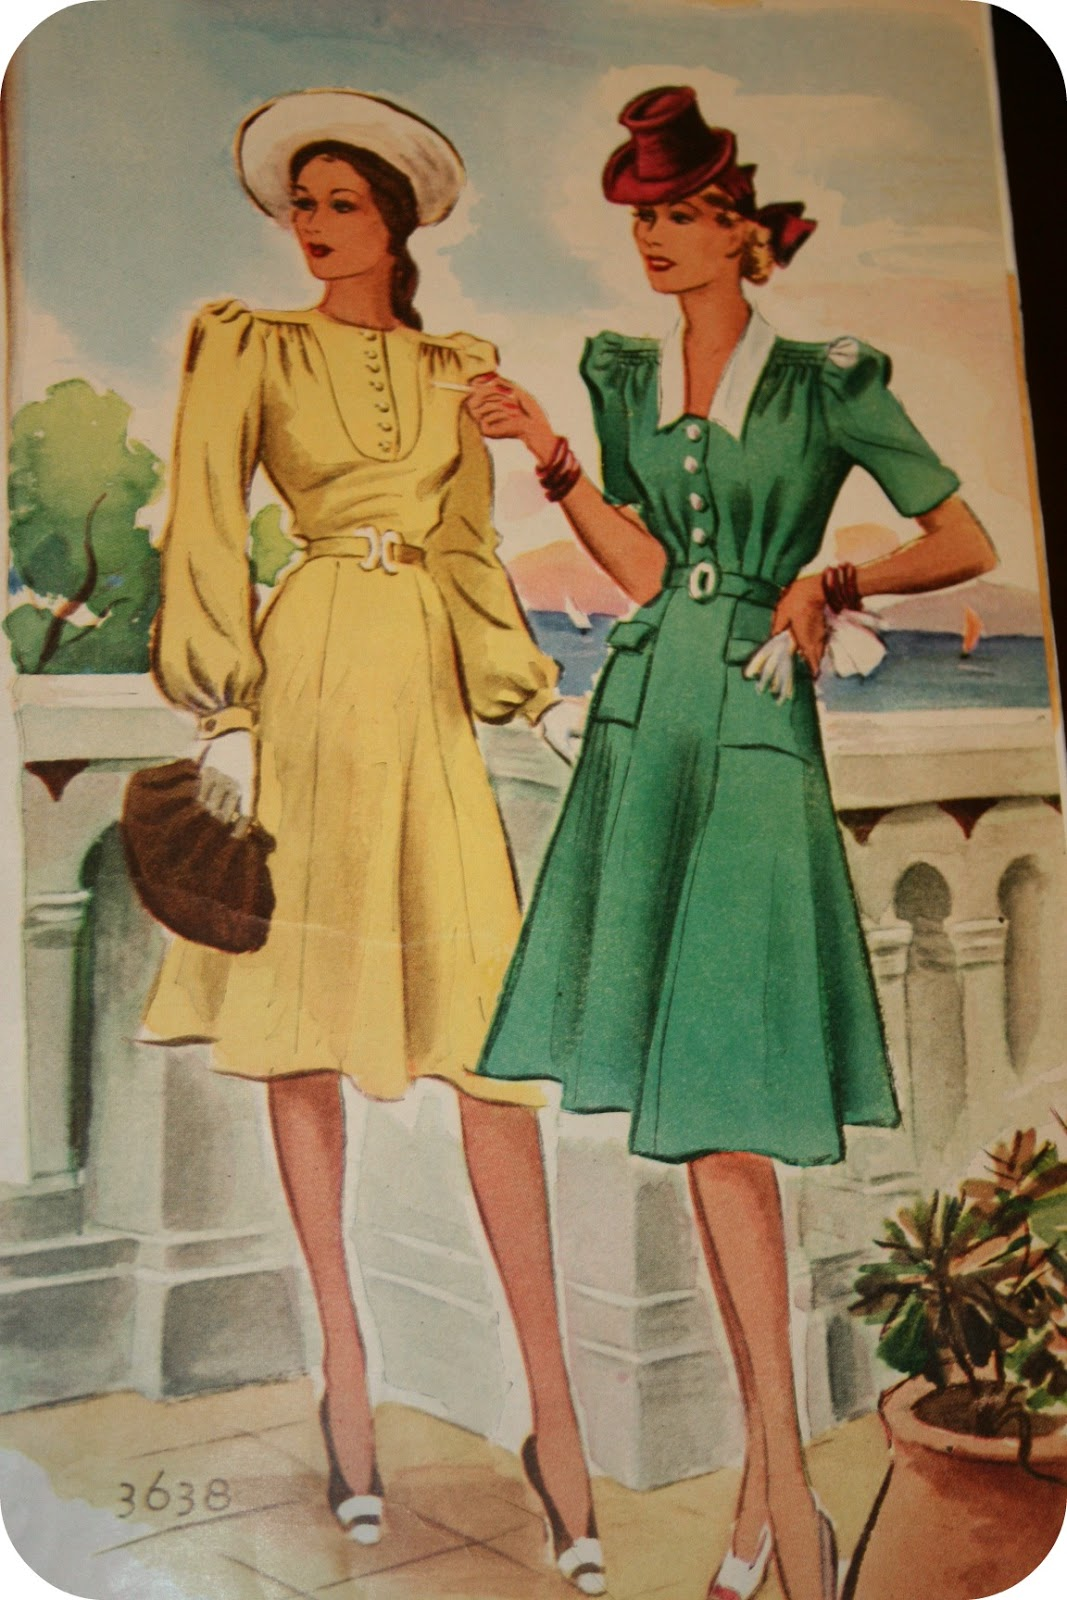 1940s Fashion: 1940s Fashion